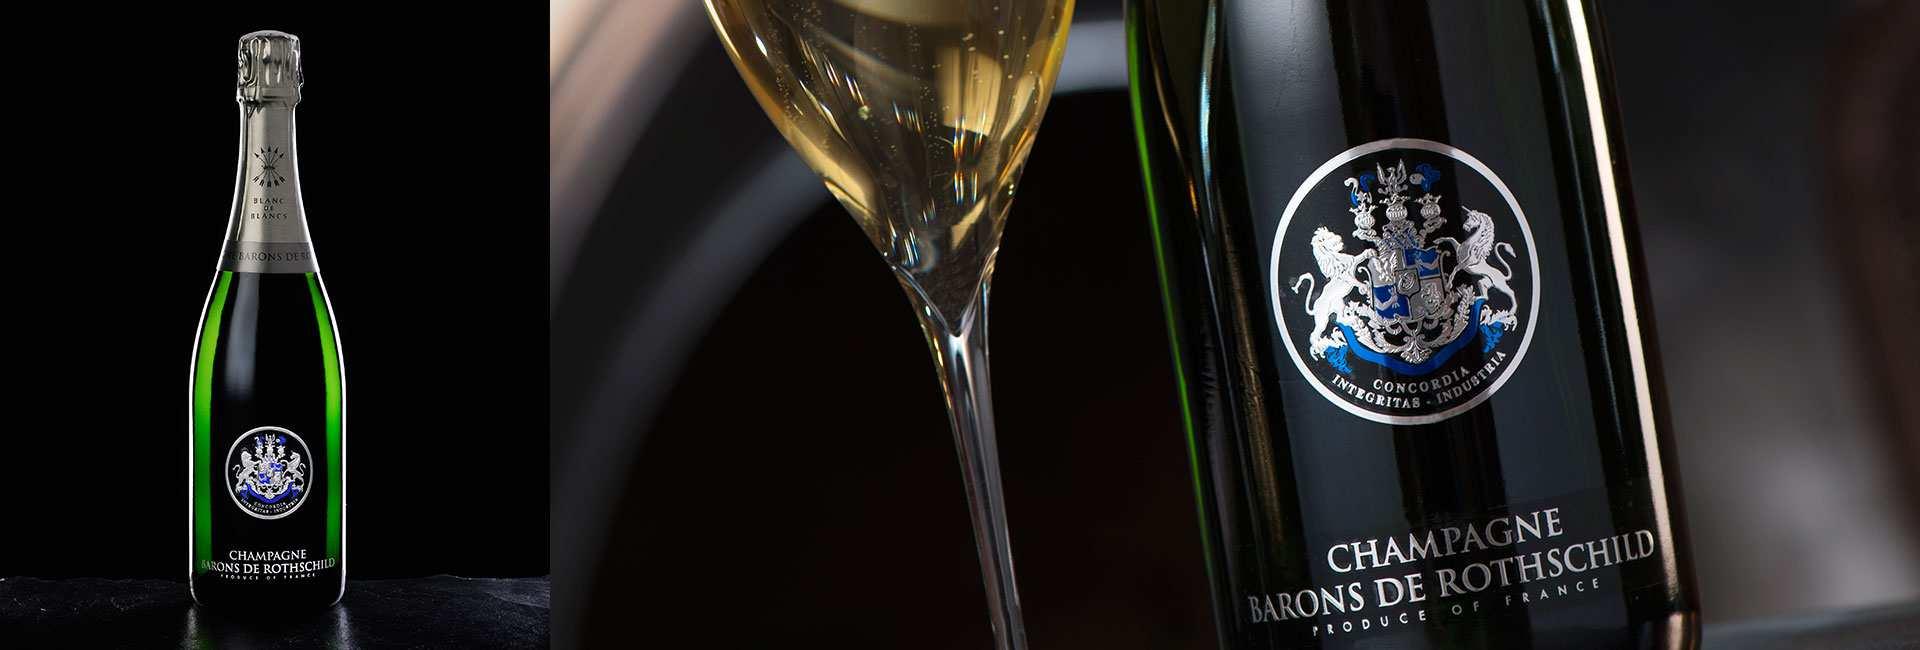 宴会助兴不可少的起泡酒,这些知识点你都懂吗?